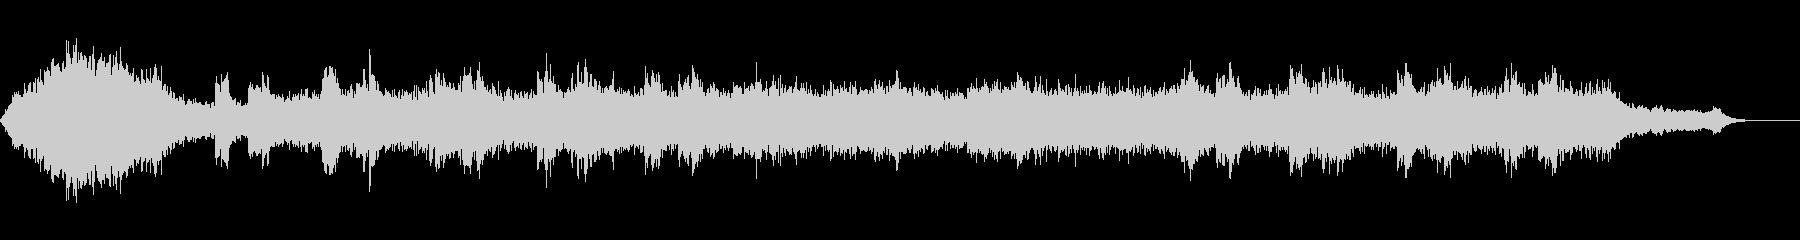 アンビエント環境音楽ヒーリング-06の未再生の波形